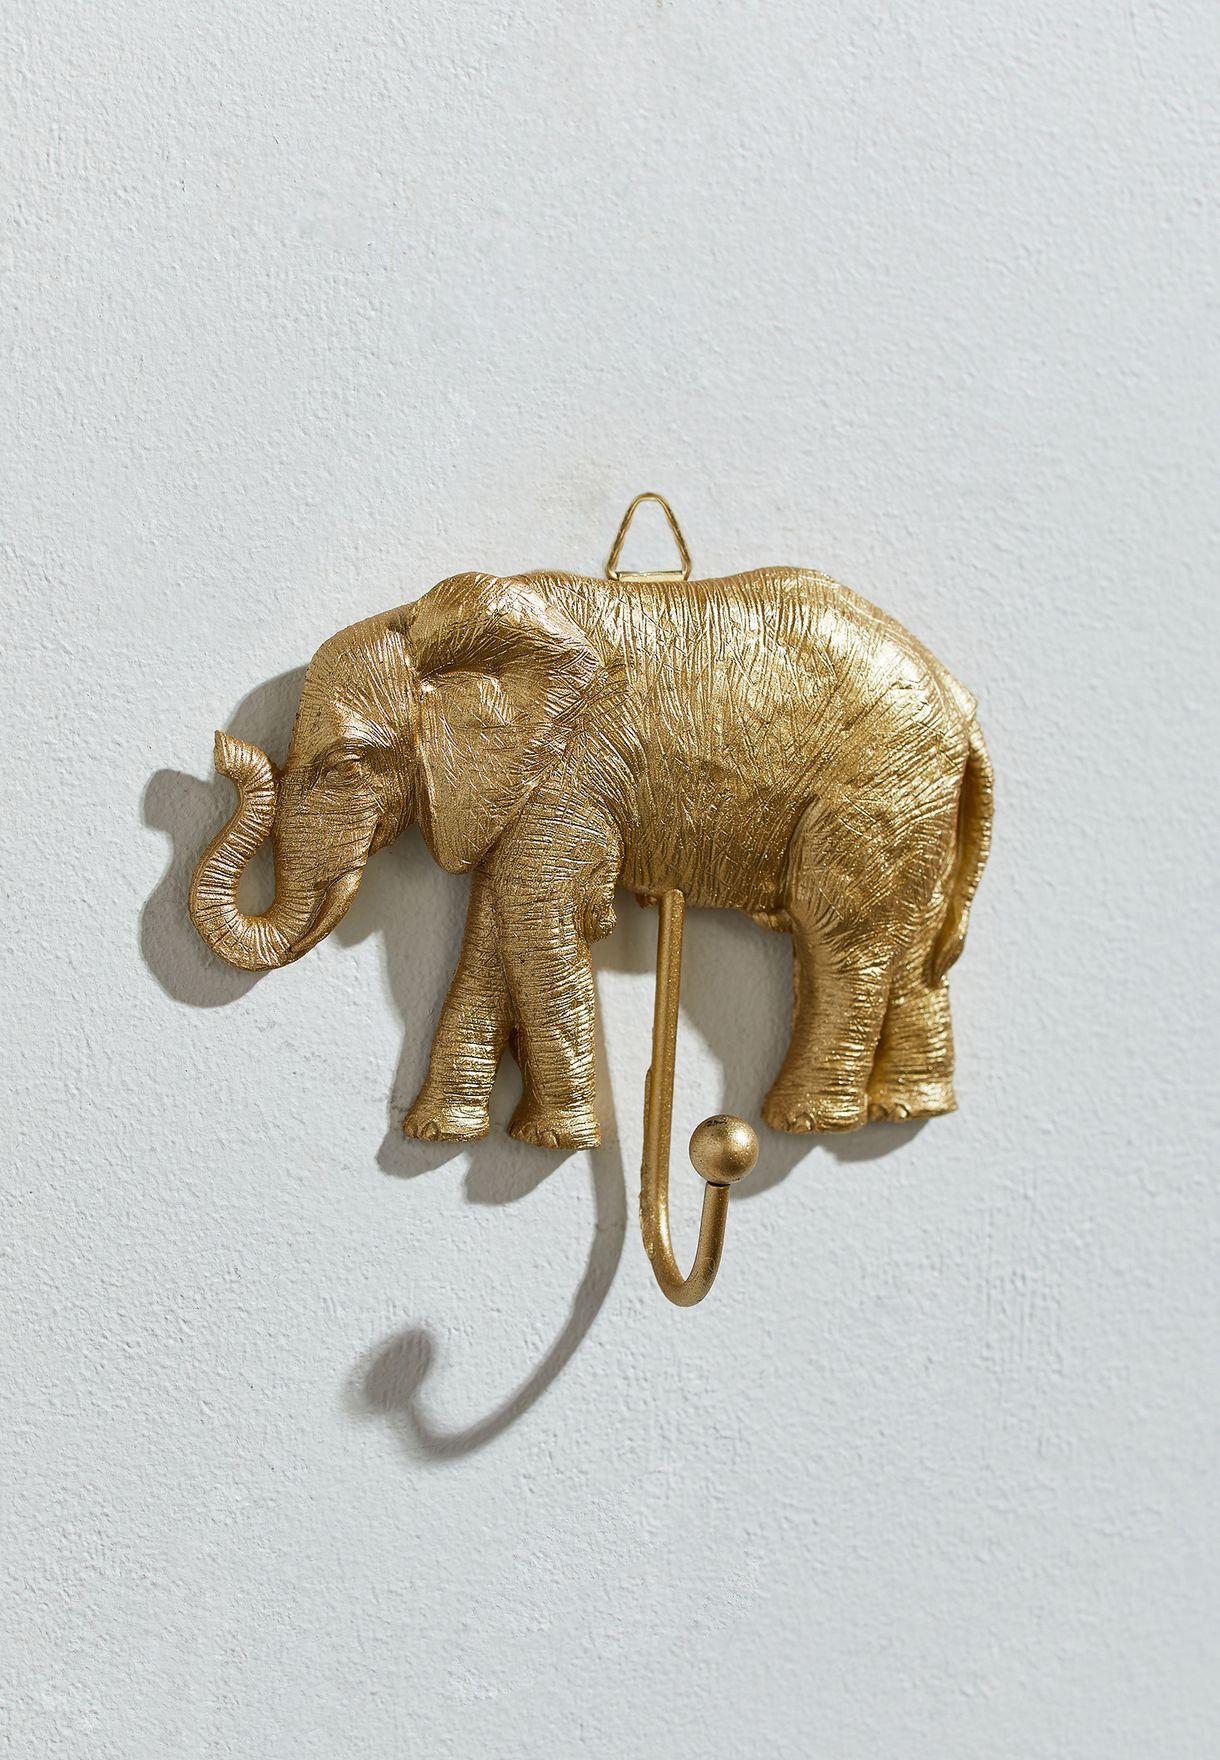 علاقة بشكل فيل